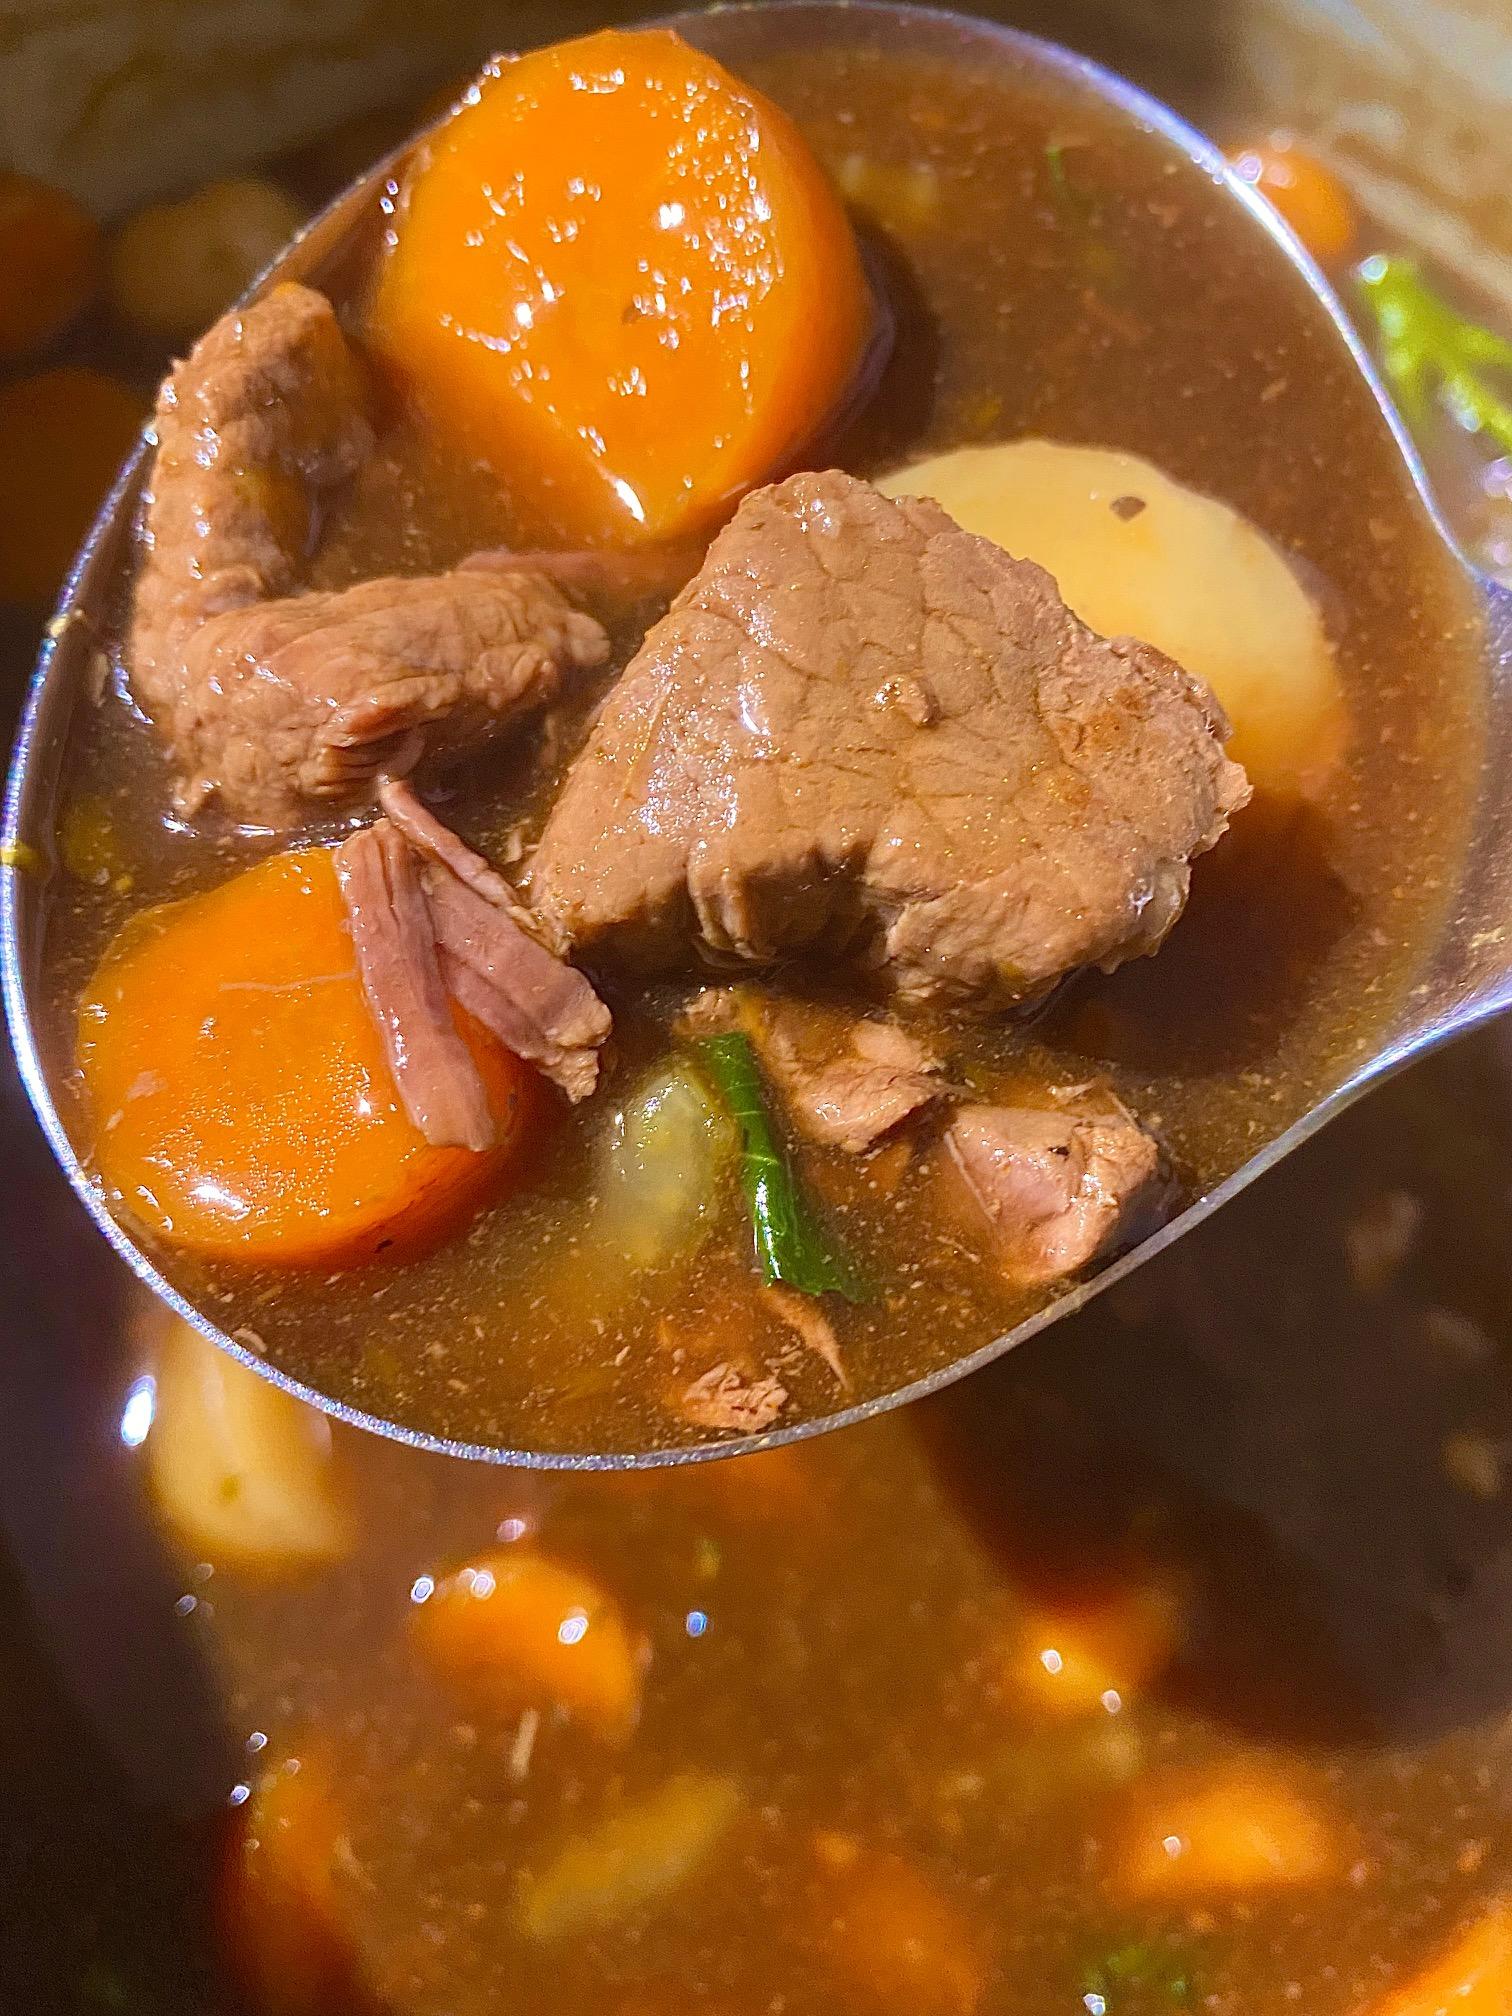 Ninja Foodi beef stew with serving spoon